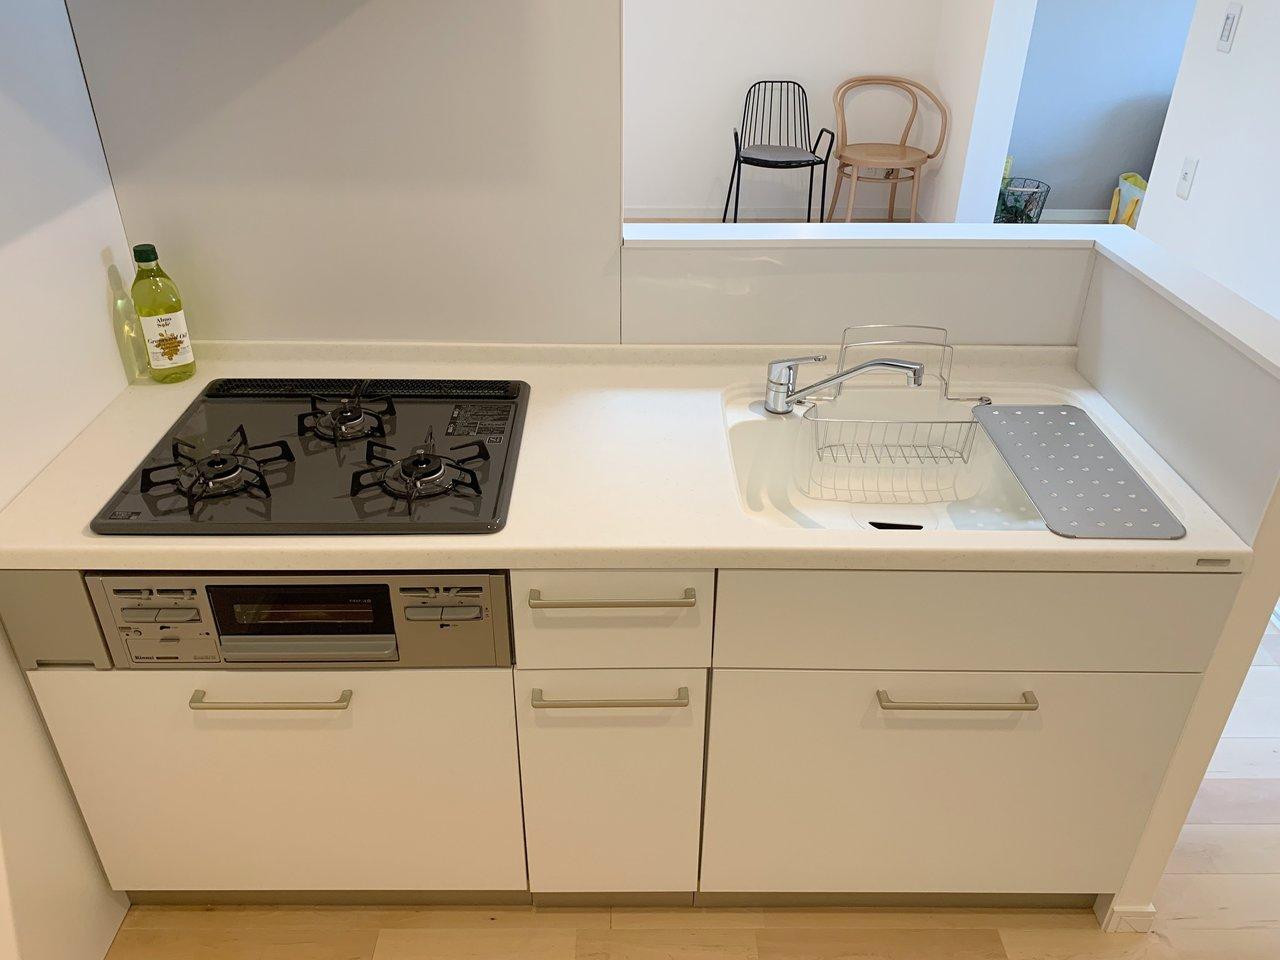 真っ白なデザインで、機能性も十分のこちらのキッチン、使いやすいと好評なんですよ